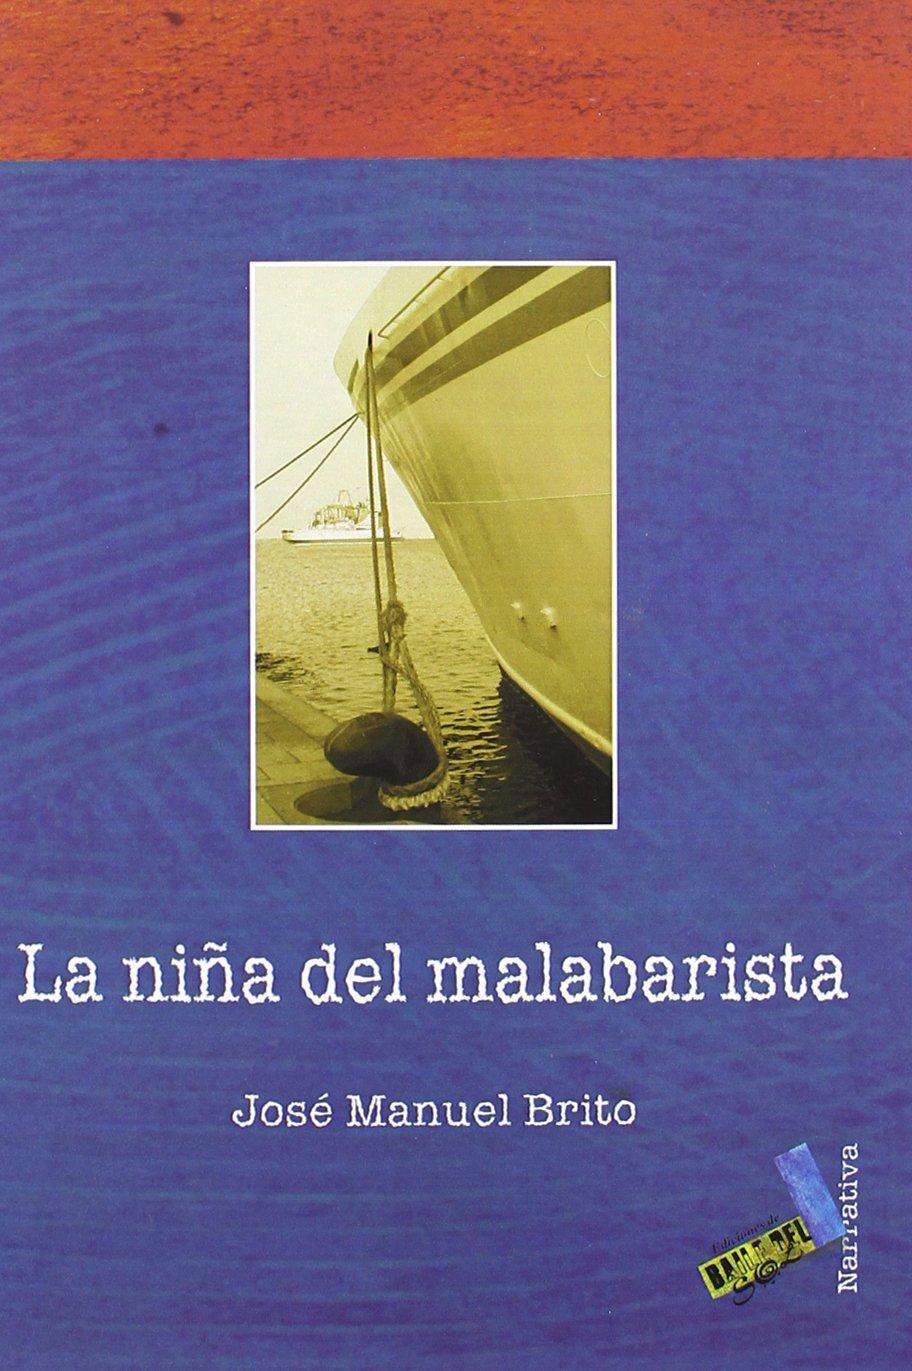 La niña del malabarista y otros relatos (Narrativa): Amazon.es ...